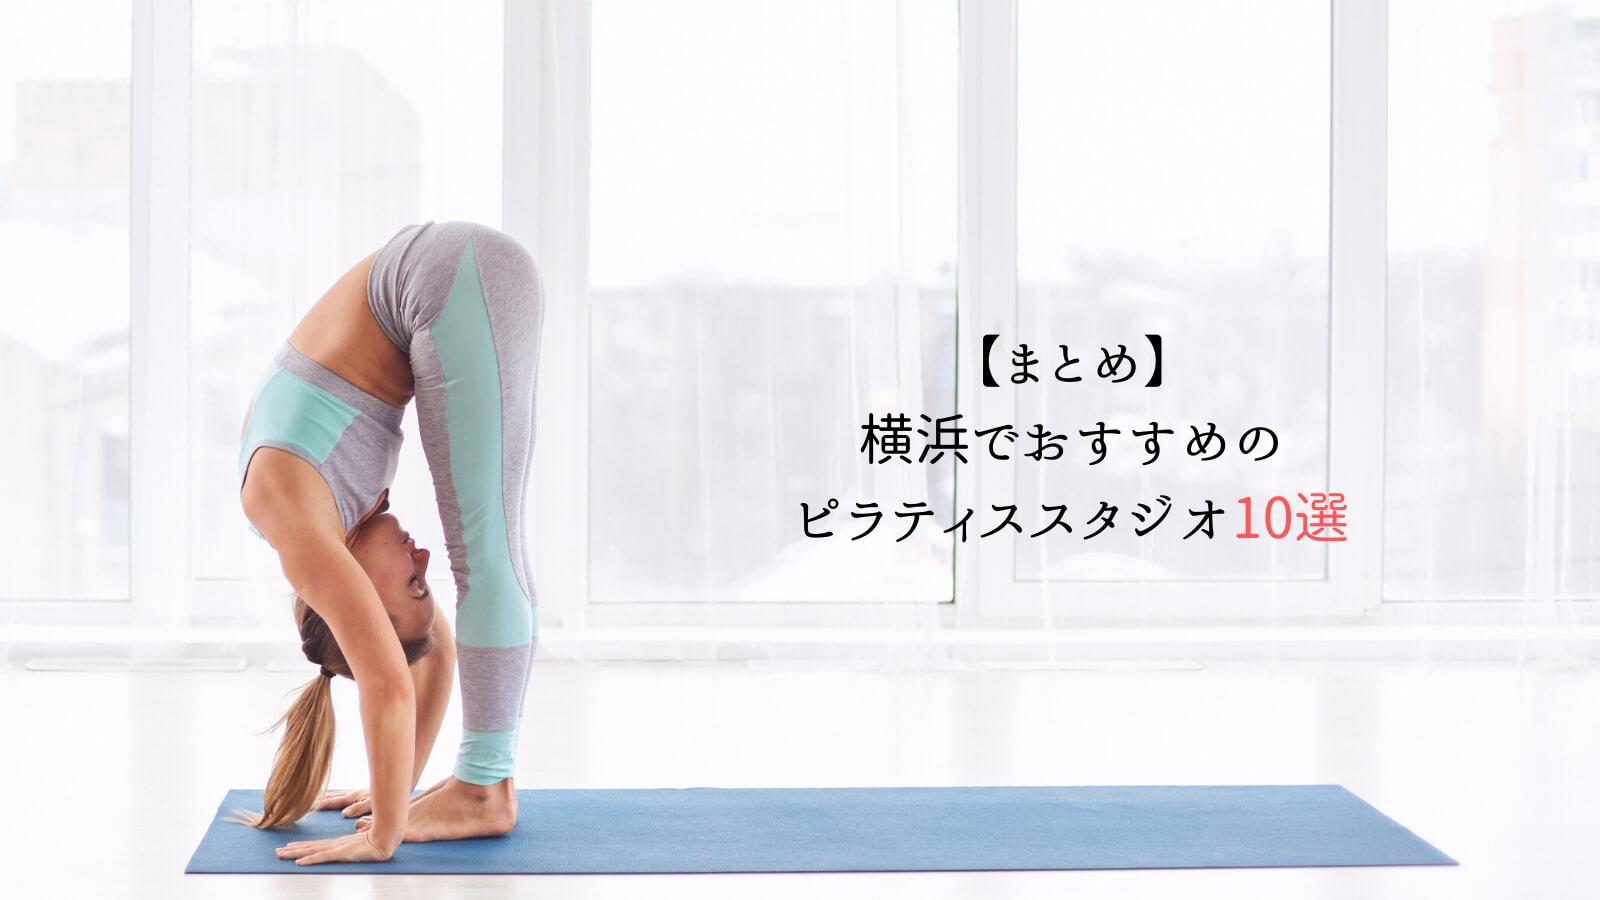 【まとめ】横浜でおすすめのピラティススタジオ10選